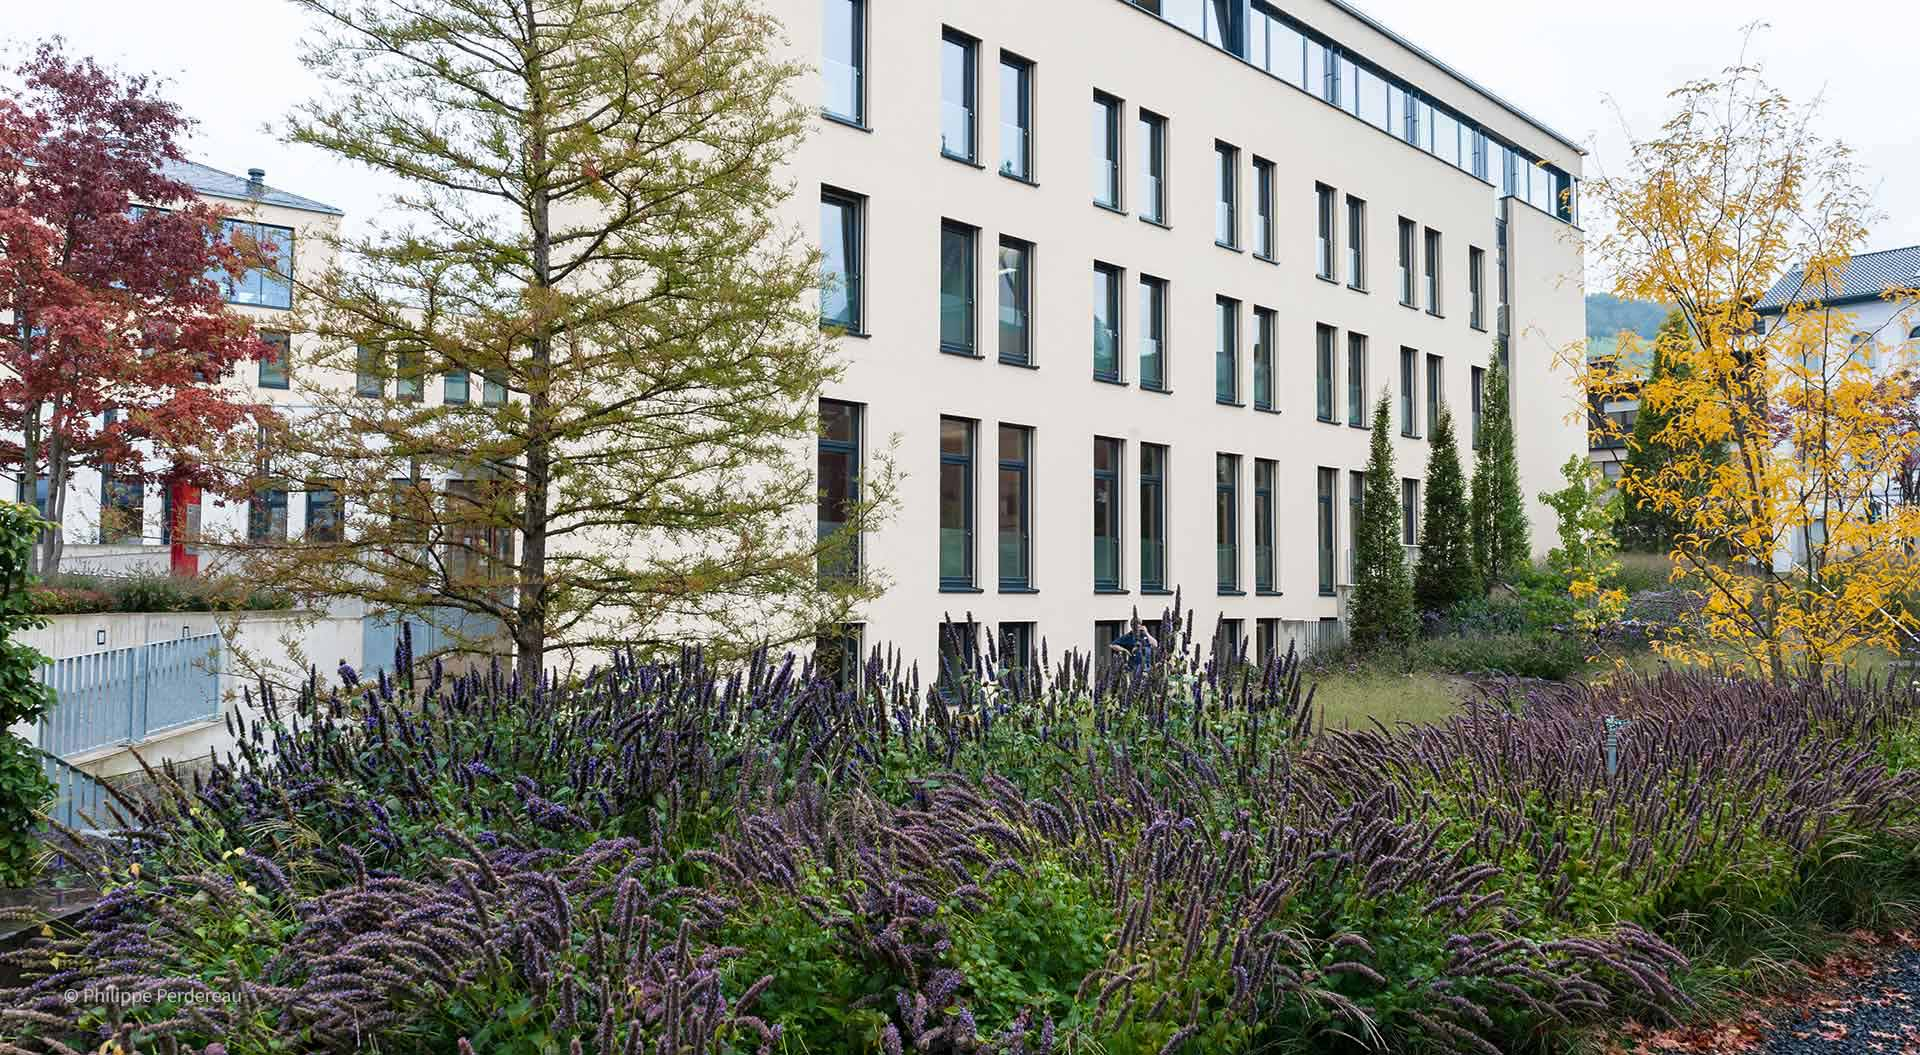 Sparkassengebäude von außen mit Blick auf den Garten